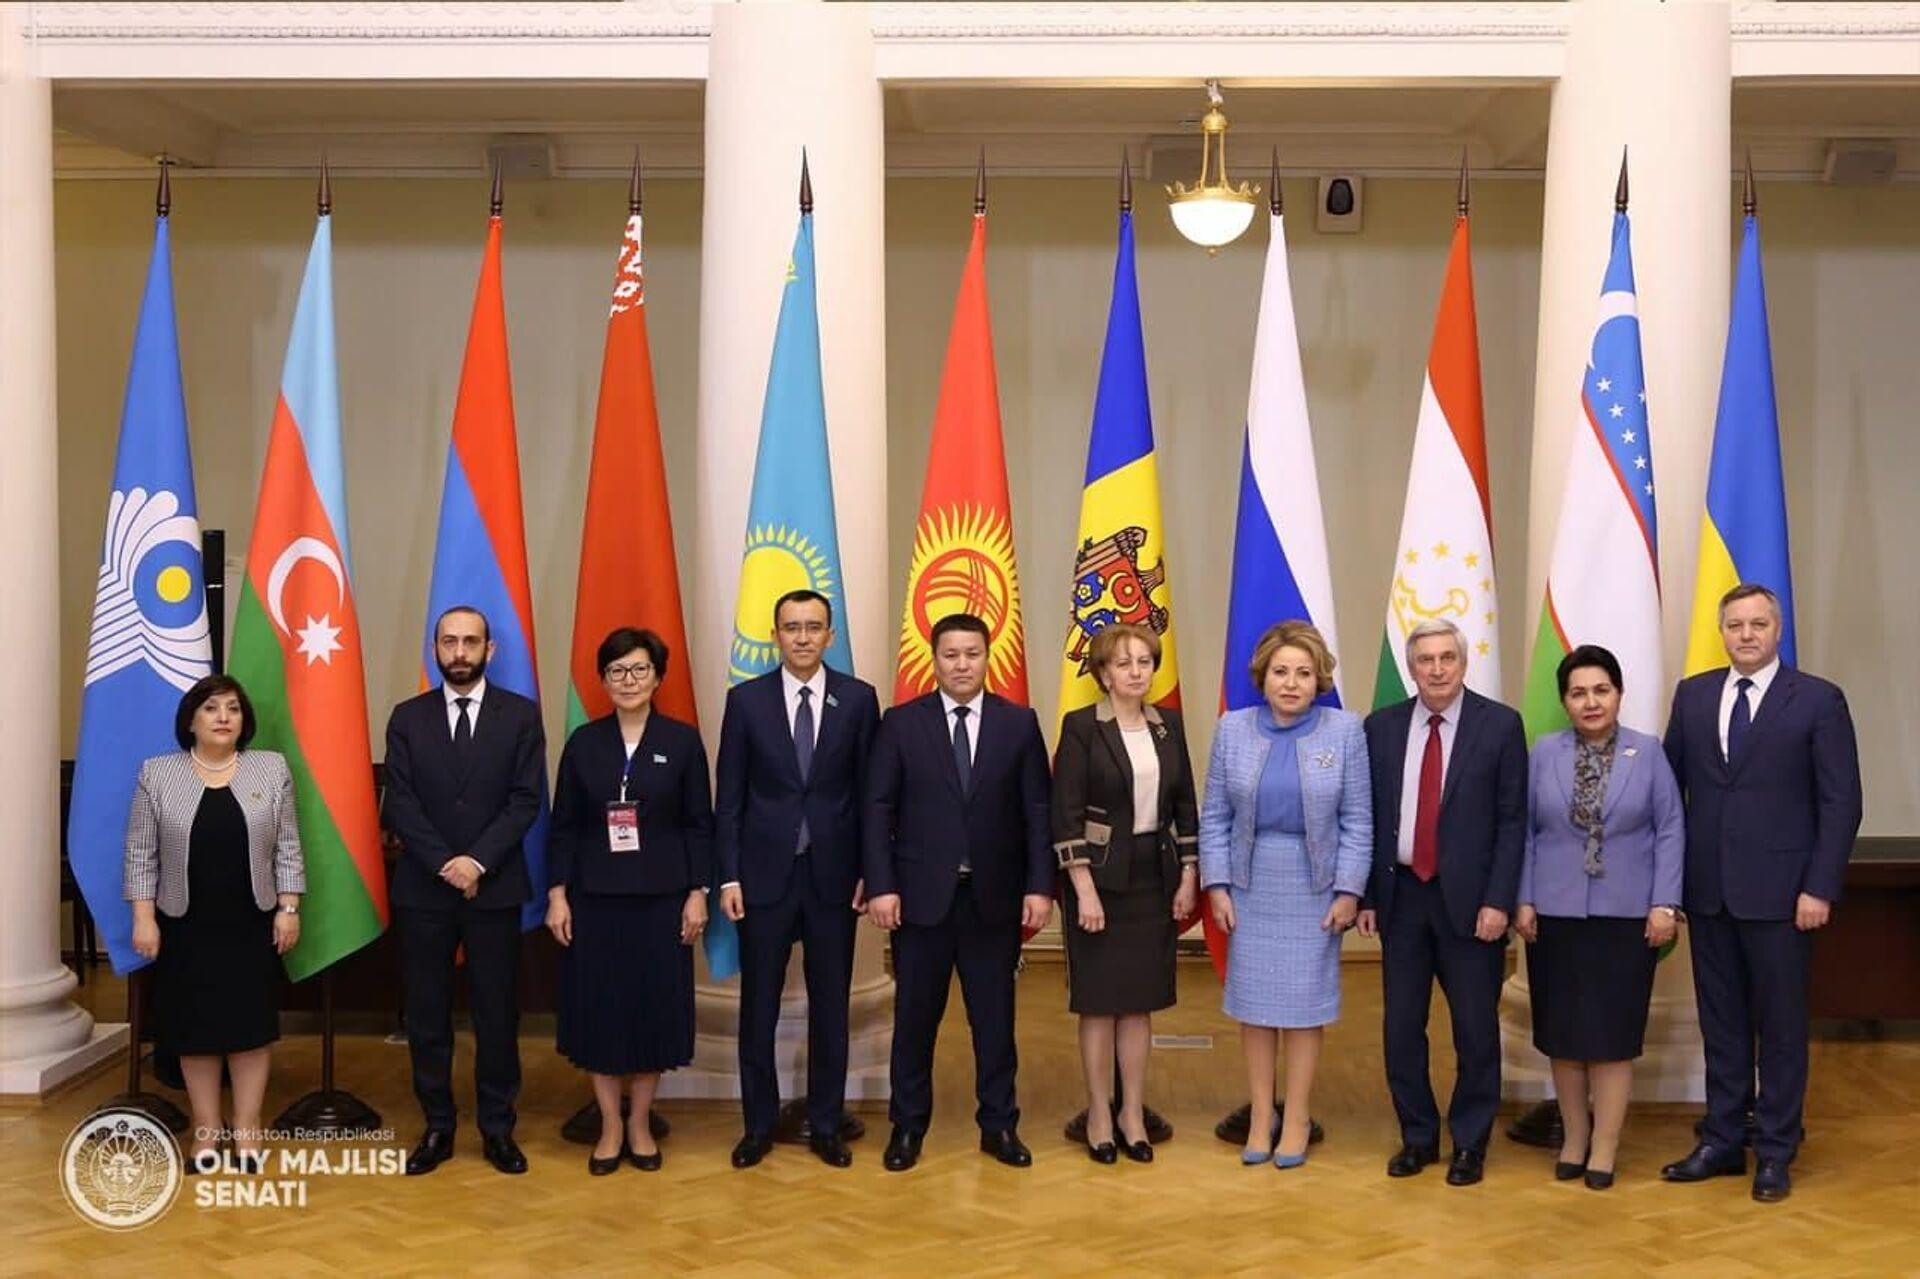 Участники заседания Совета МПА СНГ, состоявшегося в Санкт-Петербурге 15 апреля 2021 года - Sputnik Узбекистан, 1920, 16.04.2021